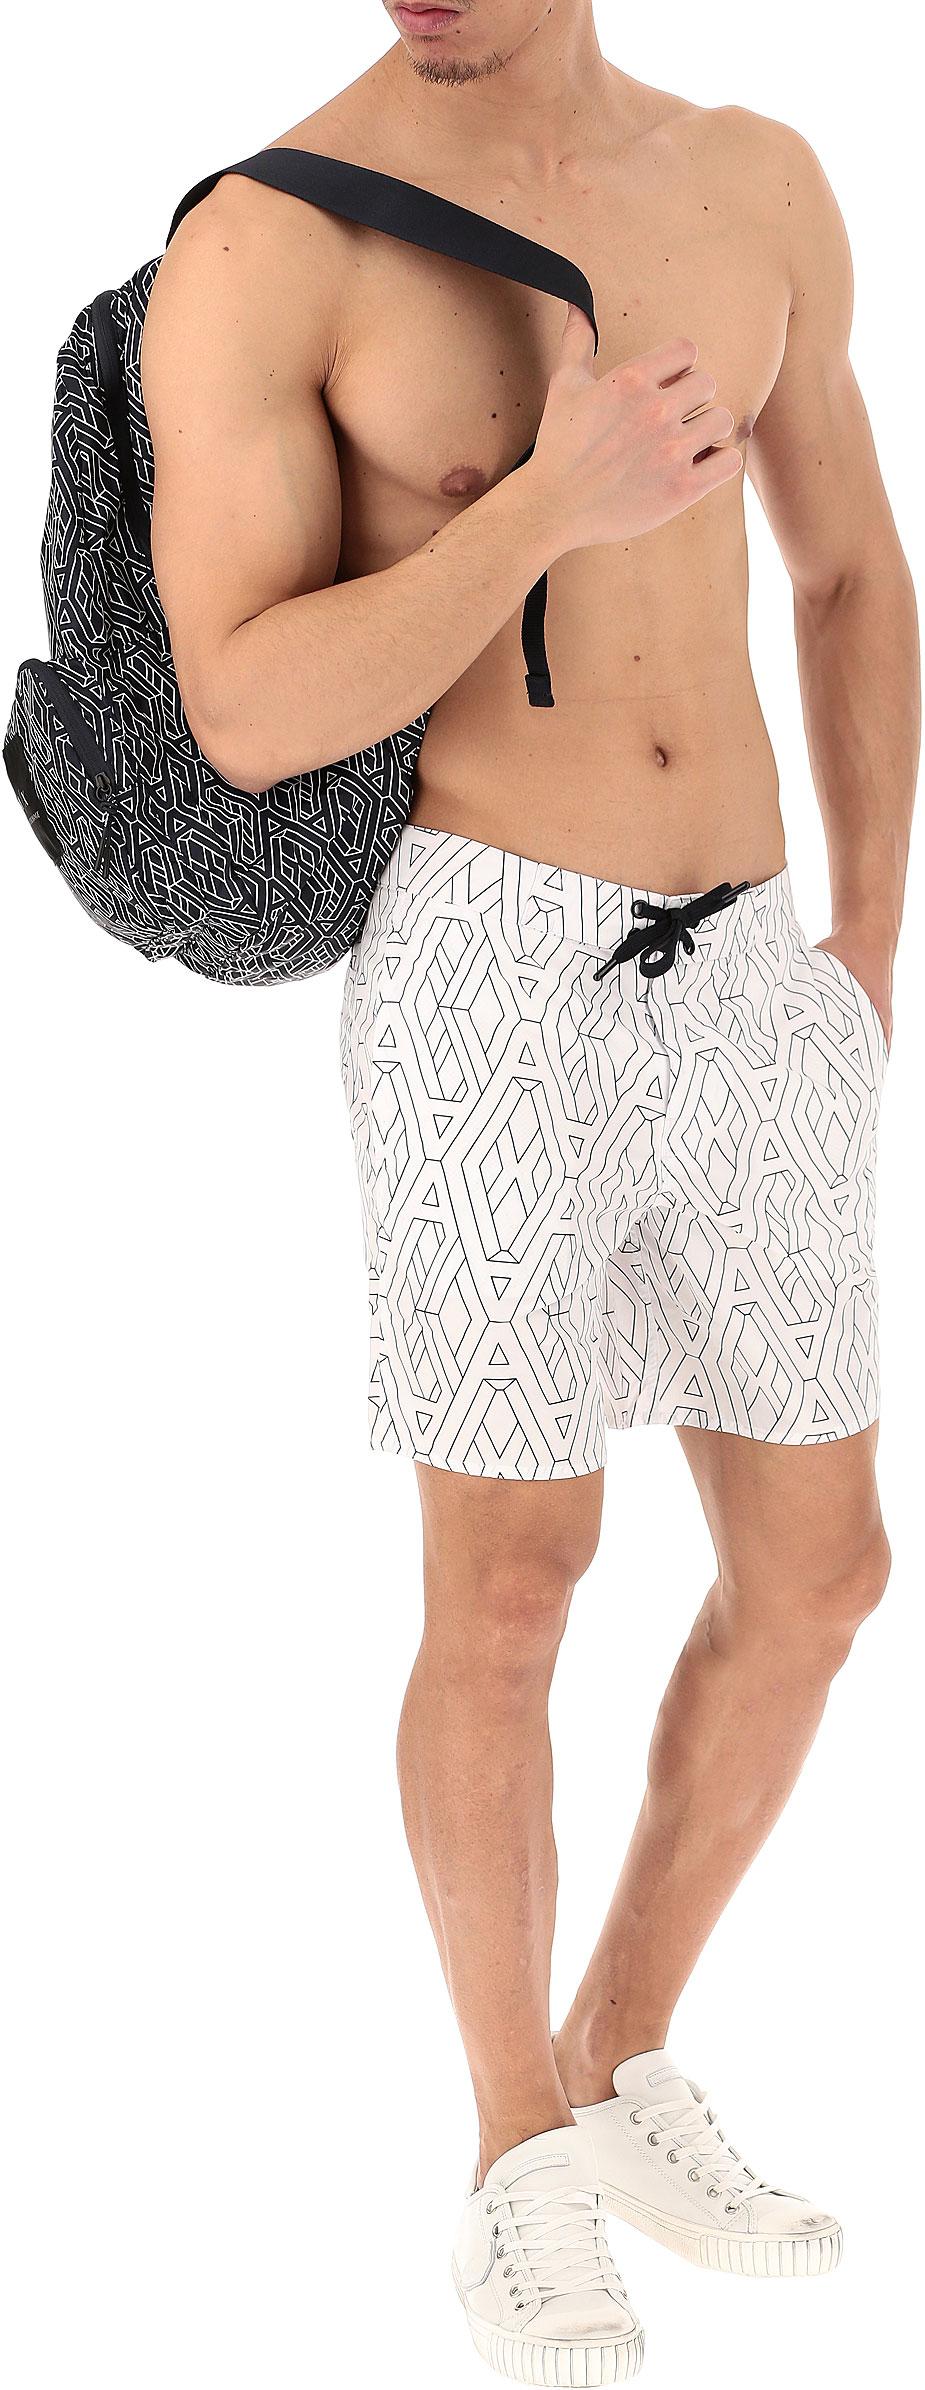 Moda Mare Uomo Emporio Armani, Codice Articolo: 3zzw45-znecz-0183